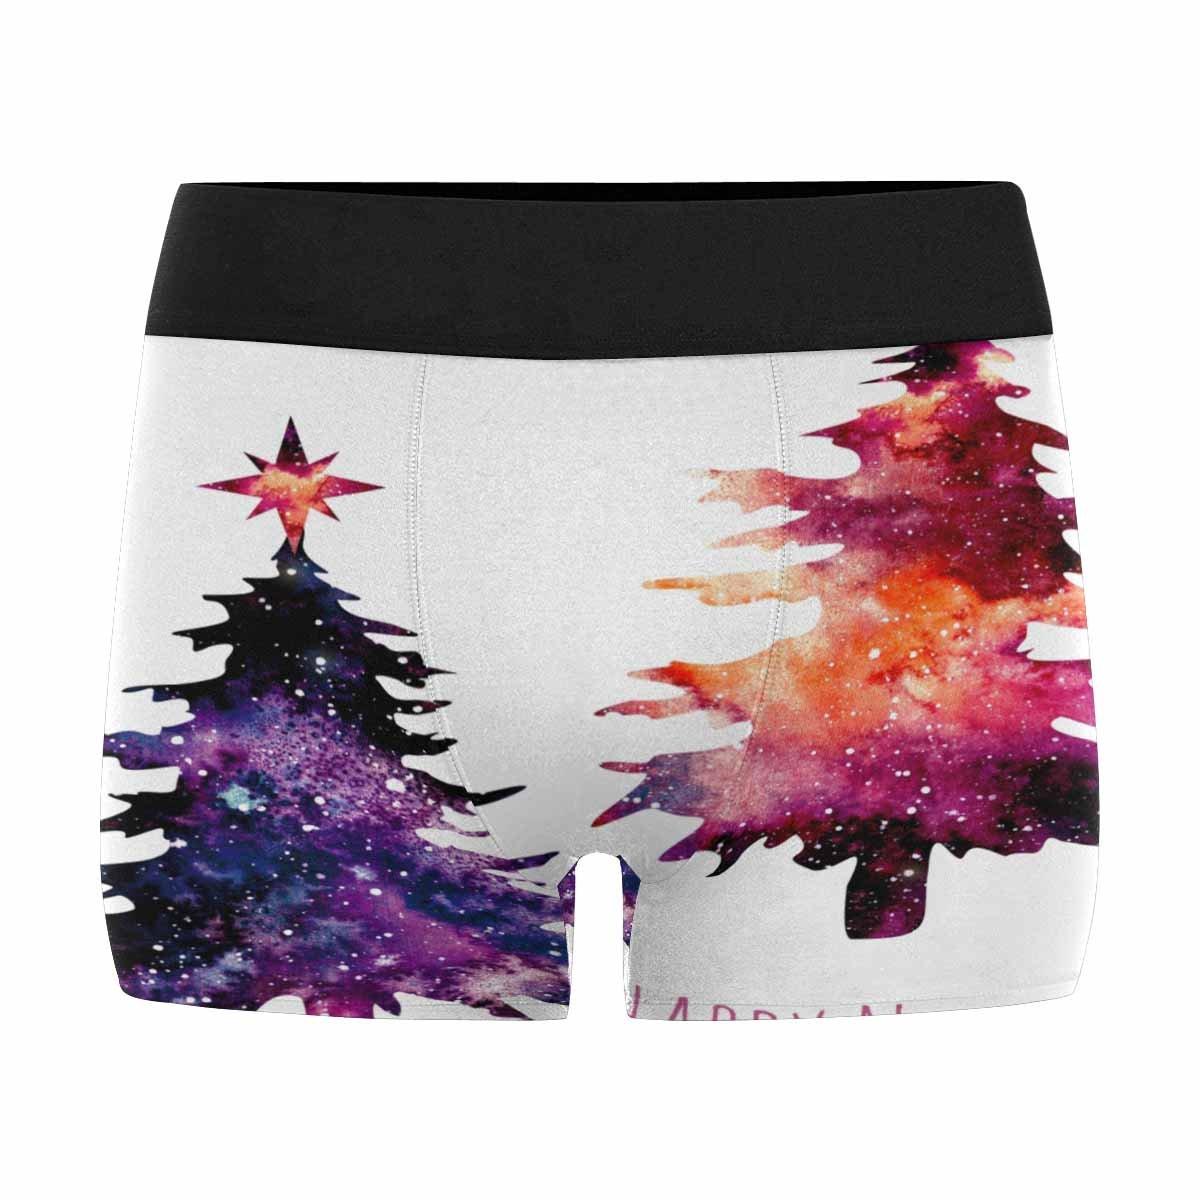 INTERESTPRINT Boxer Briefs Mens Underwear Christmas Watercolor Fir and Vivid Galaxy XS-3XL